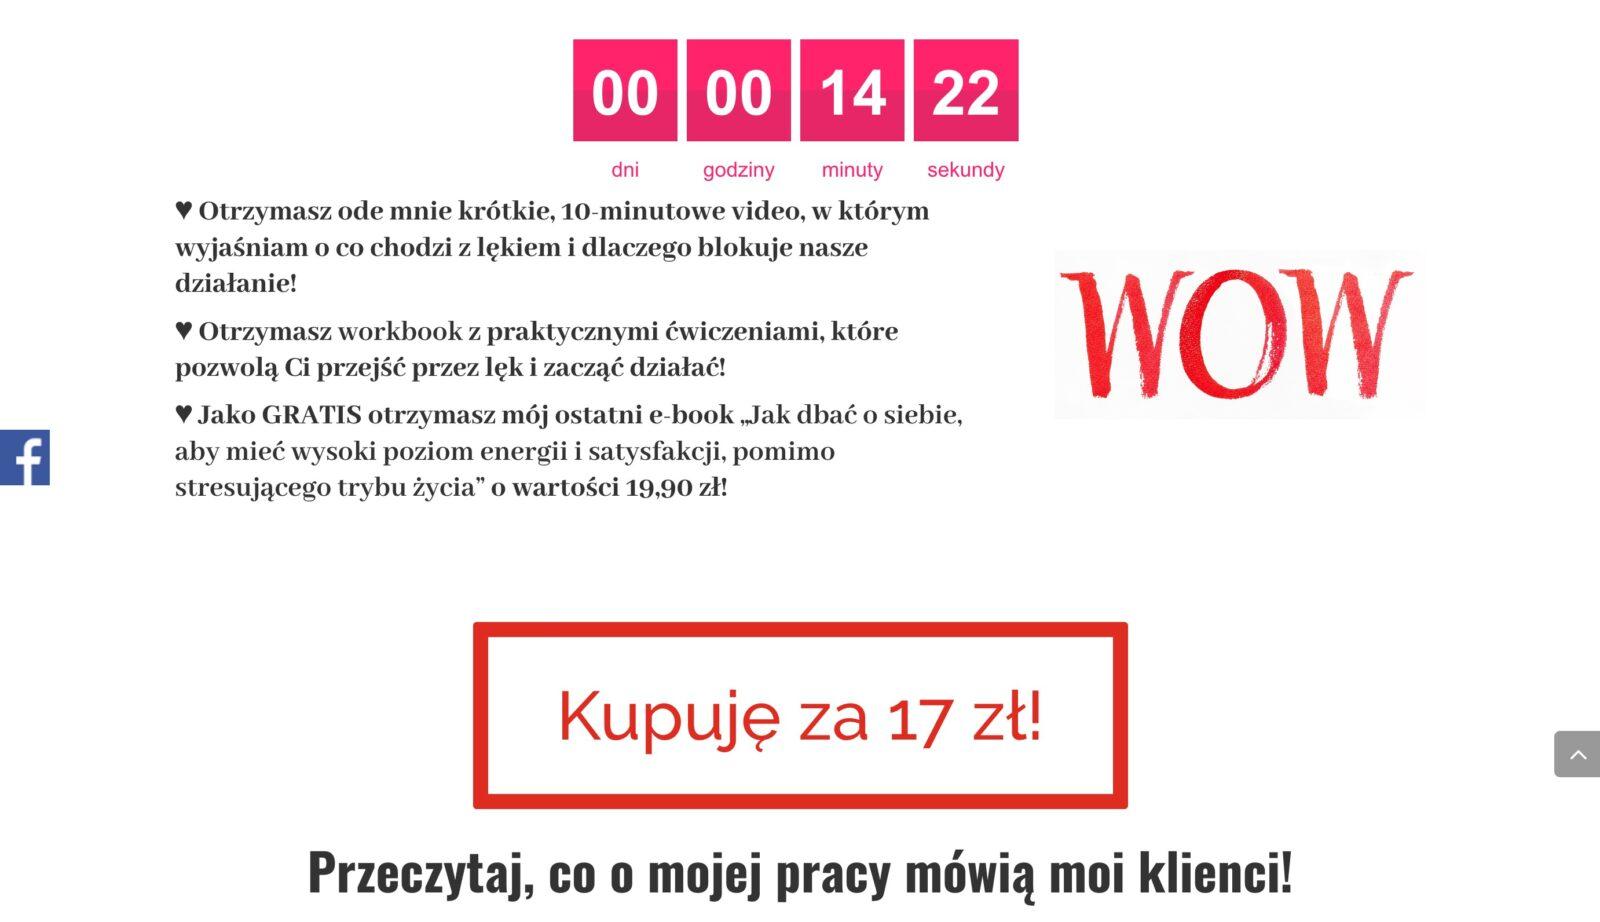 Jak wykorzystać licznik betimes.pl - One Time Offer